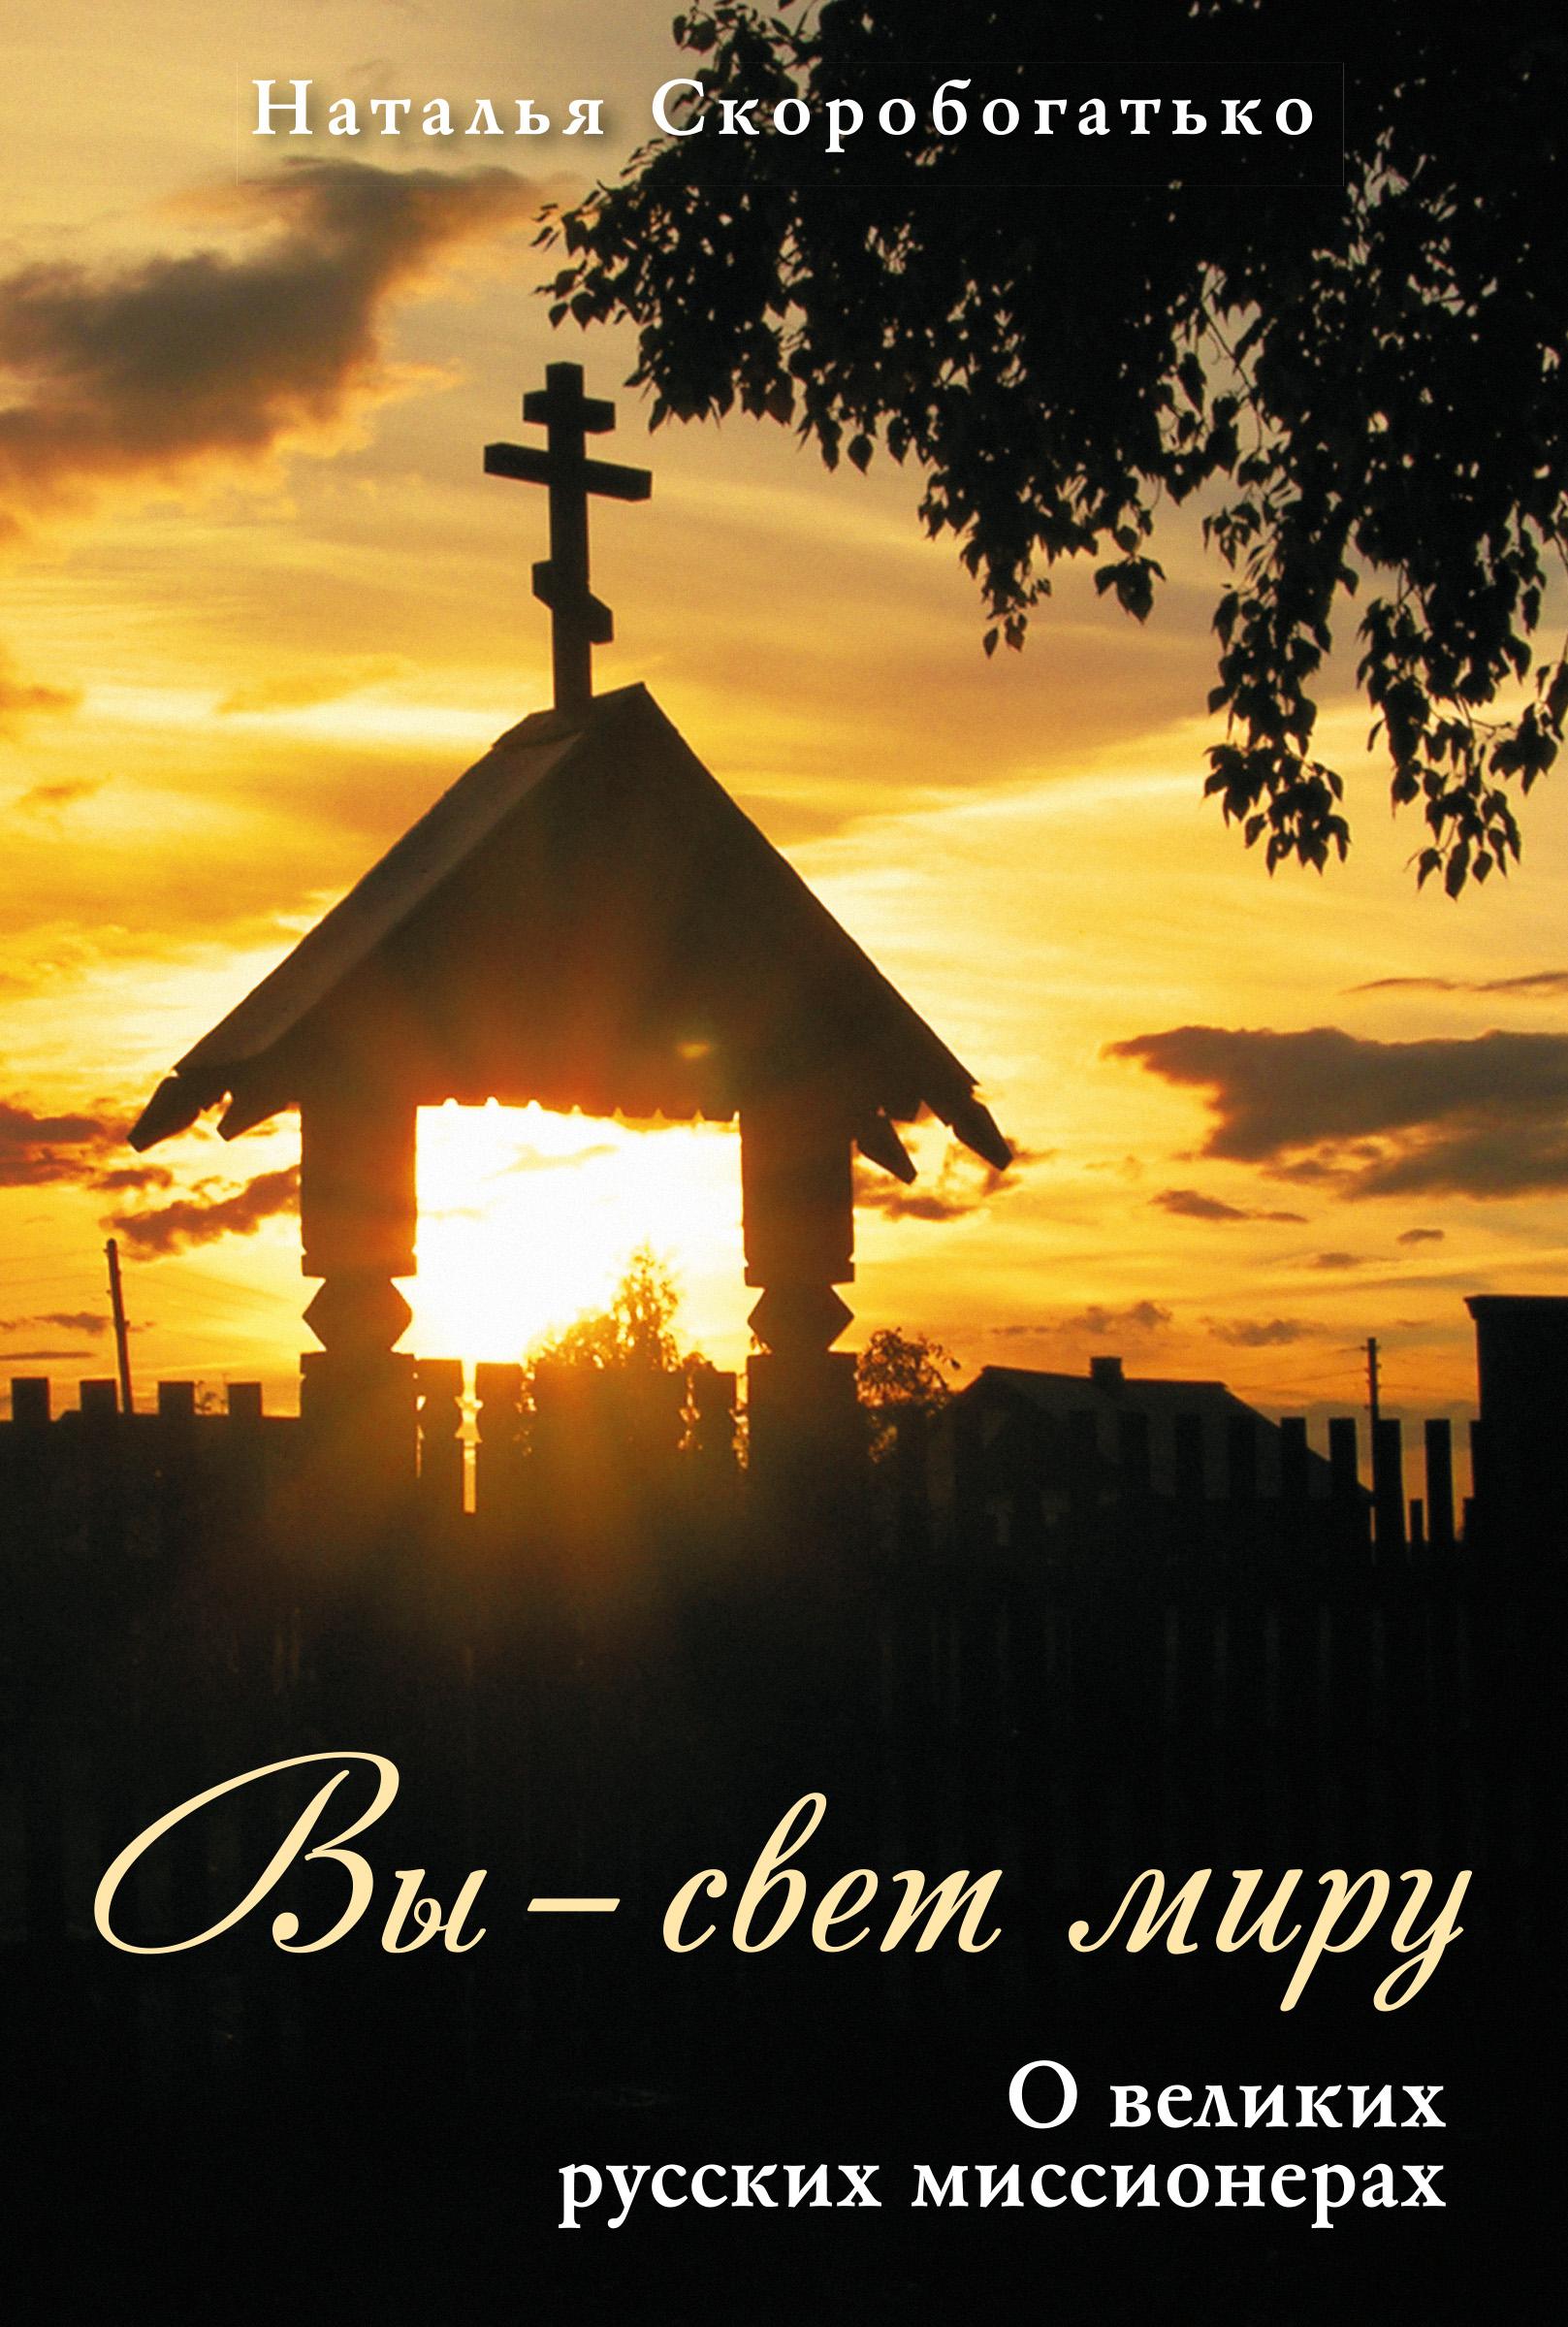 Вы – свет миру. О великих русских миссионерах